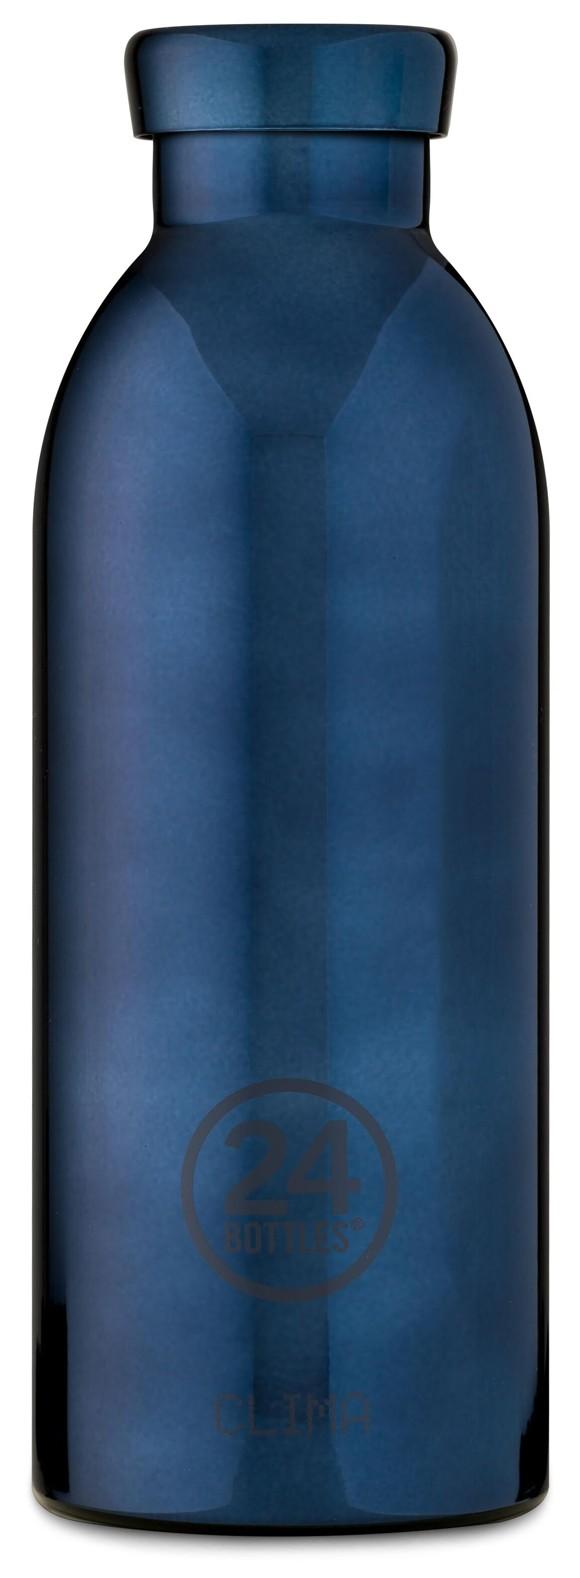 24 Bottles - Clime Bottle 0,5 L - Sort Radiance